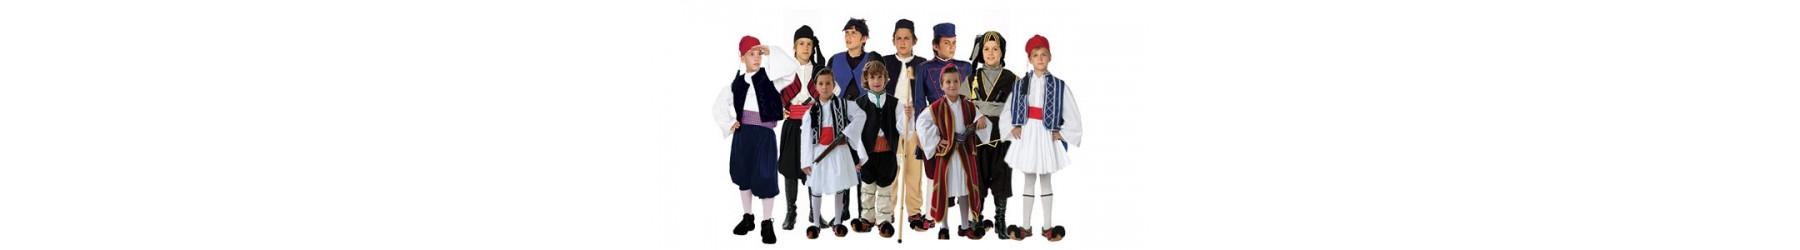 Παραδοσιακές στολές για αγόρι. Τσολιάς και τοπικές φορεσιές